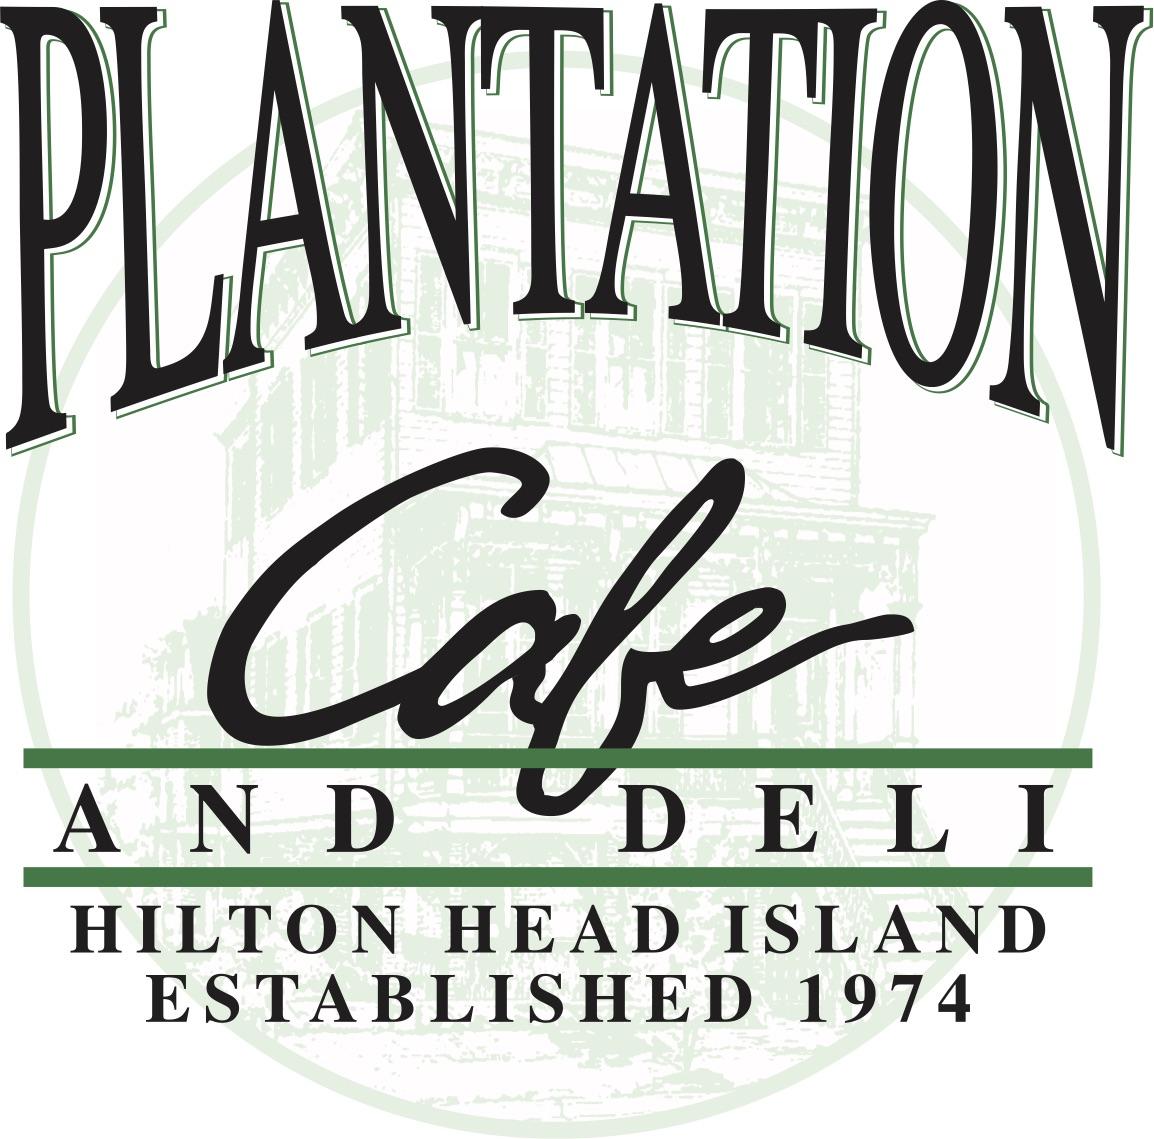 plantation---cafe---logo-Circle-trans.png